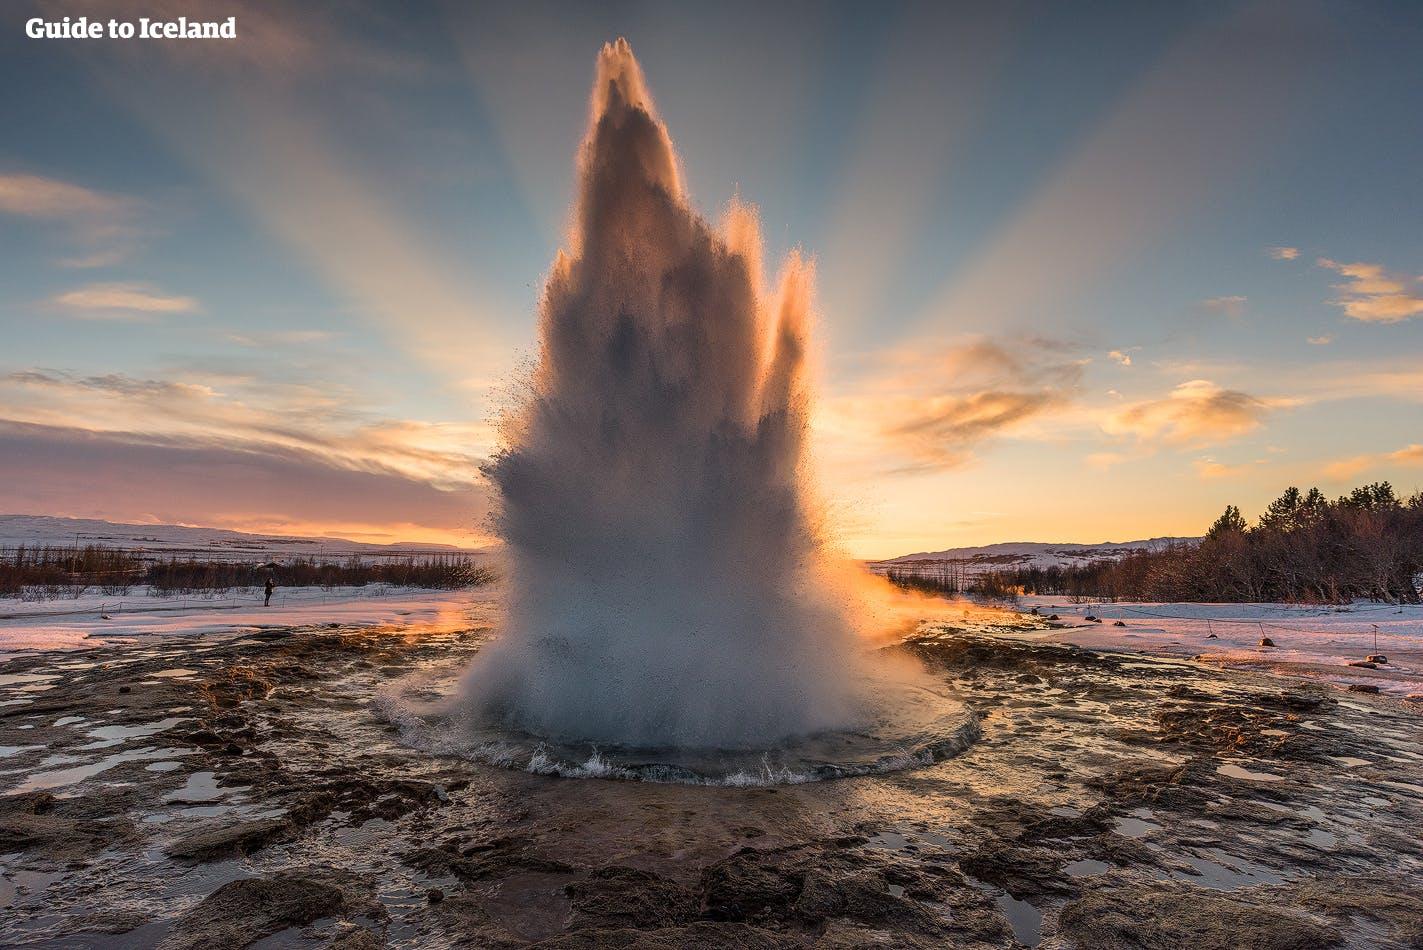 Viaje a fondo de 10 días en invierno a tu aire | Snæfellsnes, Auroras Boreales y la Costa Sur - day 4